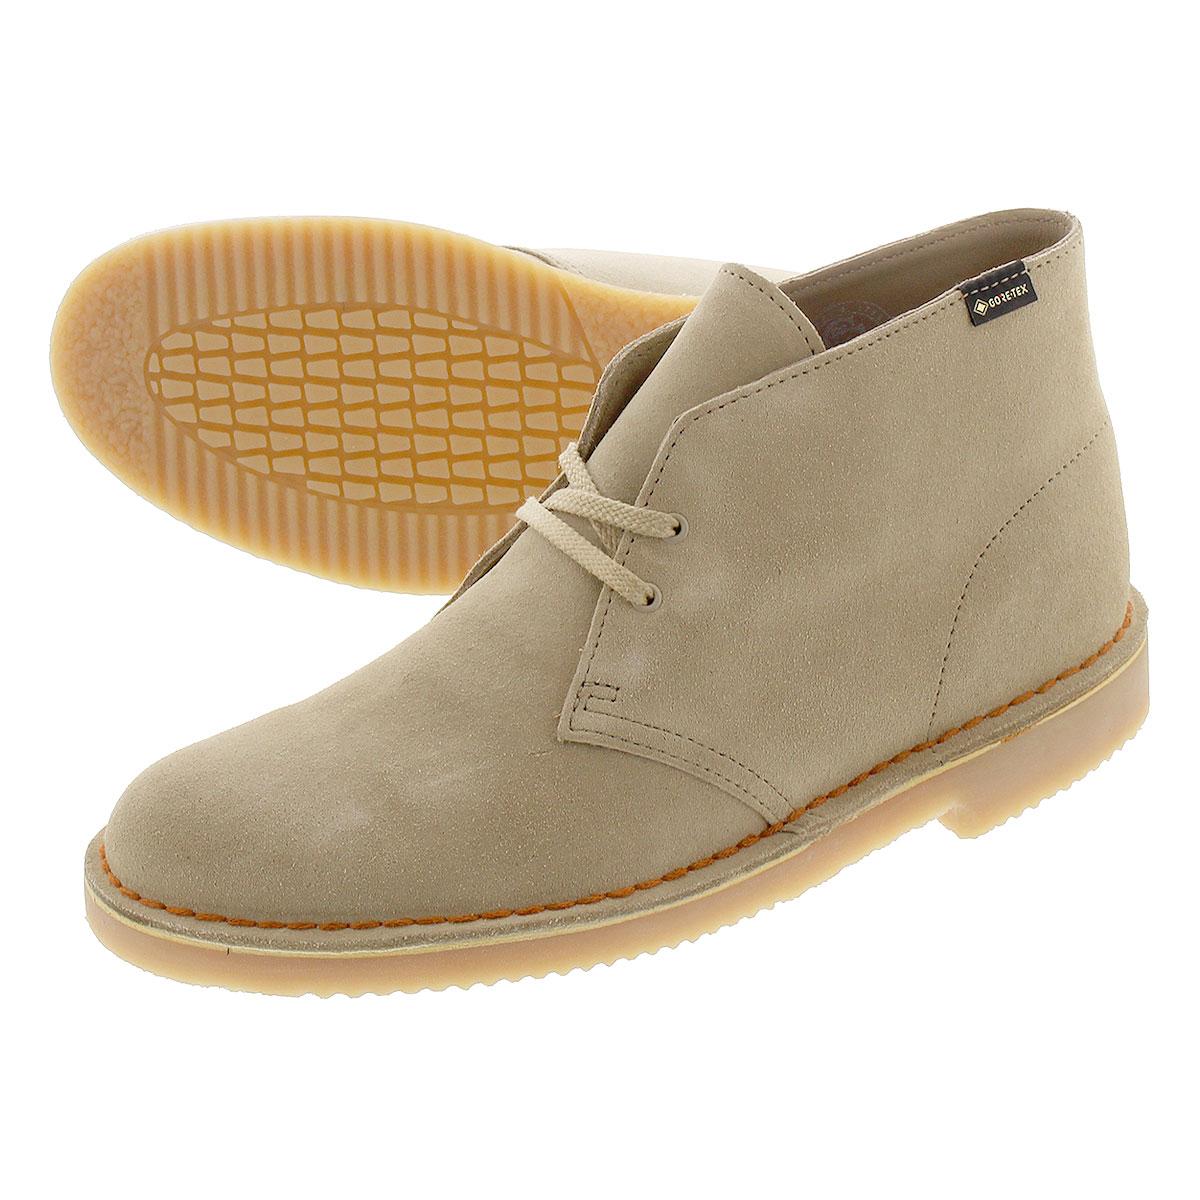 cheapest price new list aliexpress CLARKS DESERT BOOT GTX kulaki desert boots Gore-Tex SAND SUEDE 26144250